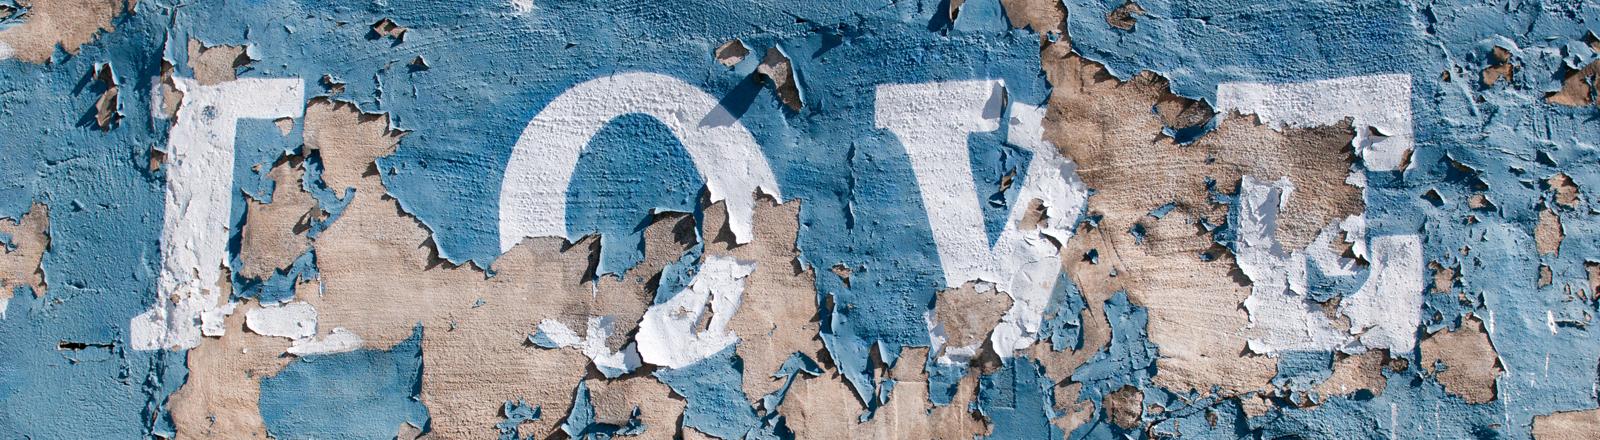 Das Wort Love ist an eine verwitterte Wand geschrieben